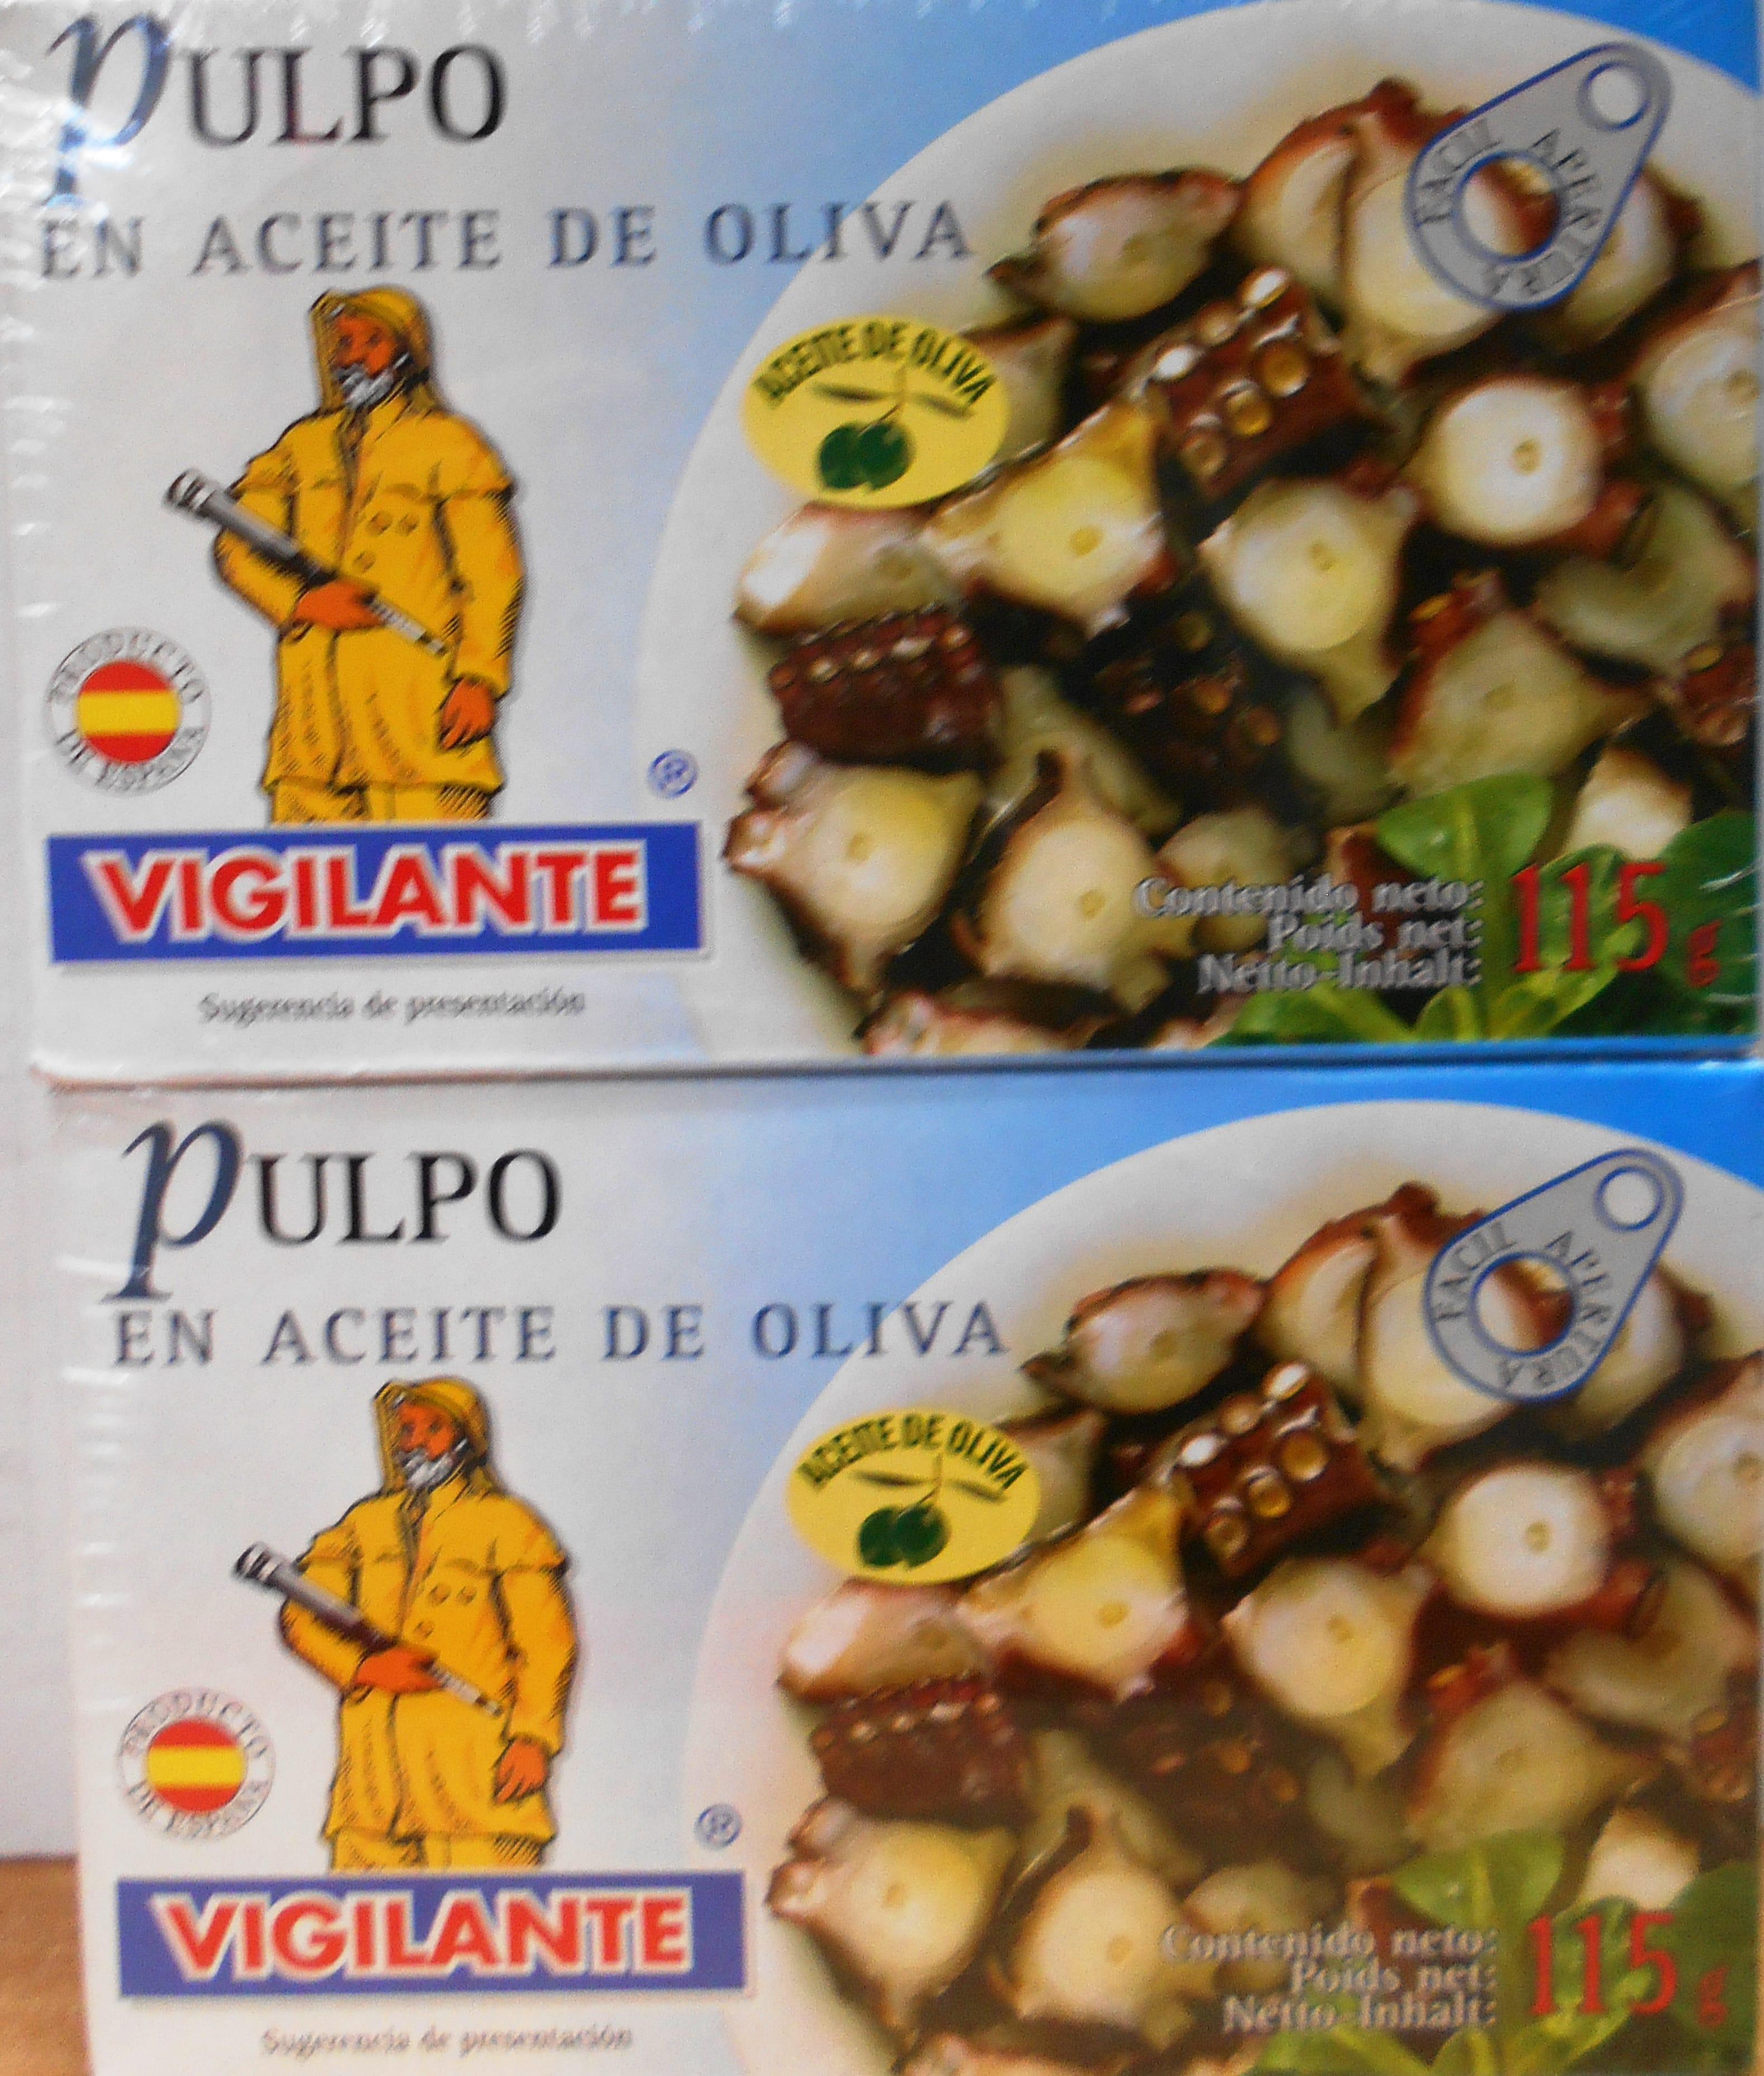 Pulpo Vigilante Aceite de Oliva 115gx2